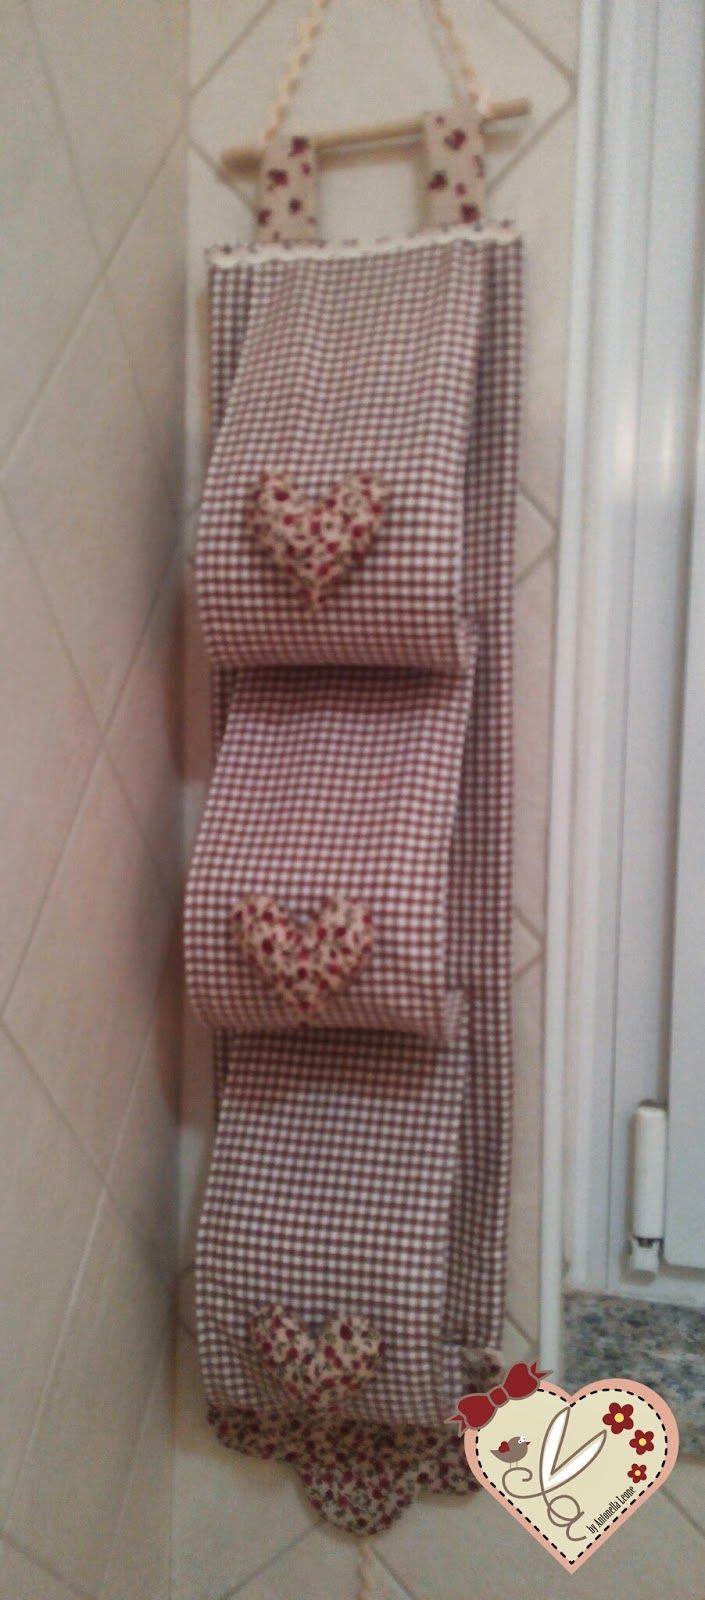 Le creazioni di antonella tende per bagno con dietro vetro mantovana portarotoli e tendina - Cucito creativo bagno ...